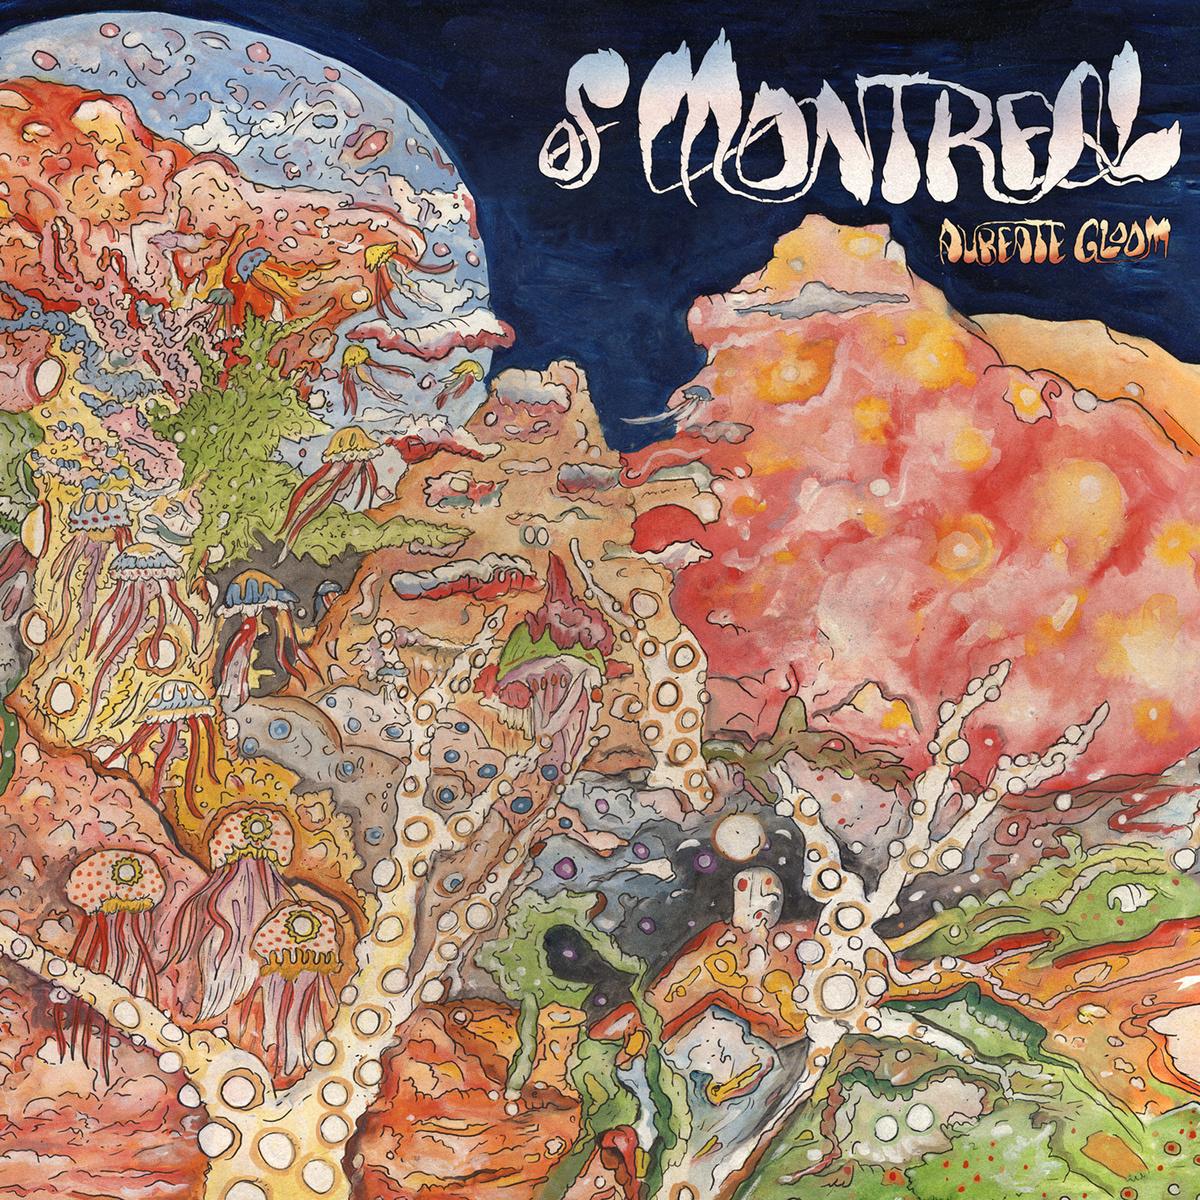 Of Montreal: 'Aureate Gloom'. Große Experimente, viele Stile, doch zu wenige verbindende Ideen.